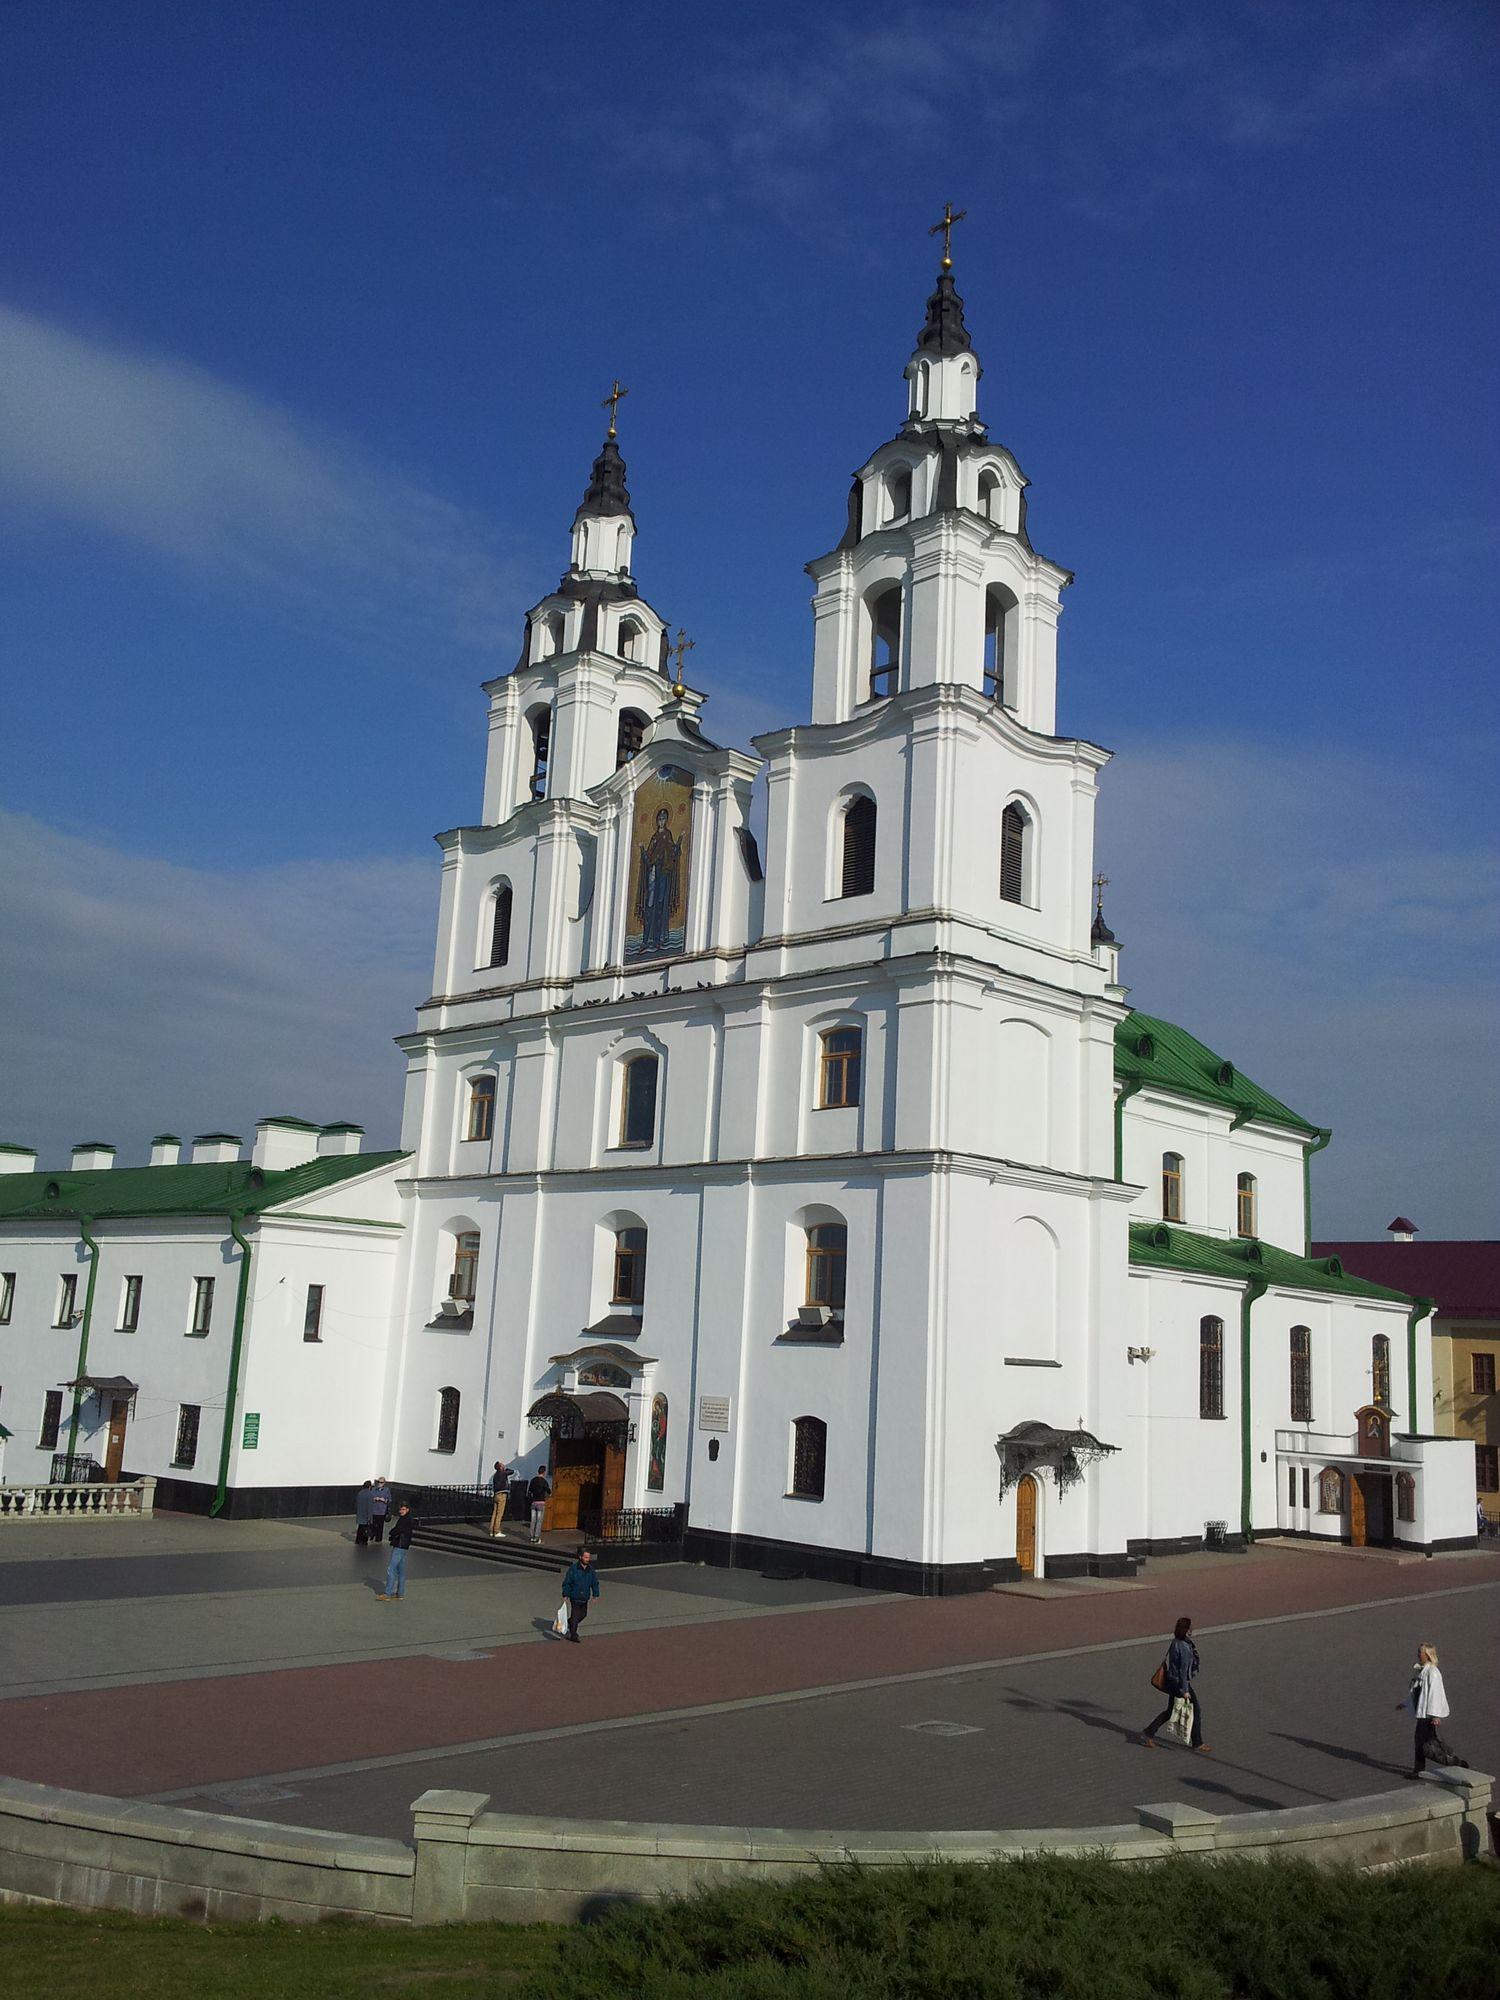 Нажмите на изображение для увеличения.  Название:EU1AA-UC2AA-Minsk-2014-10.jpg Просмотров:46 Размер:331.7 Кб ID:128940